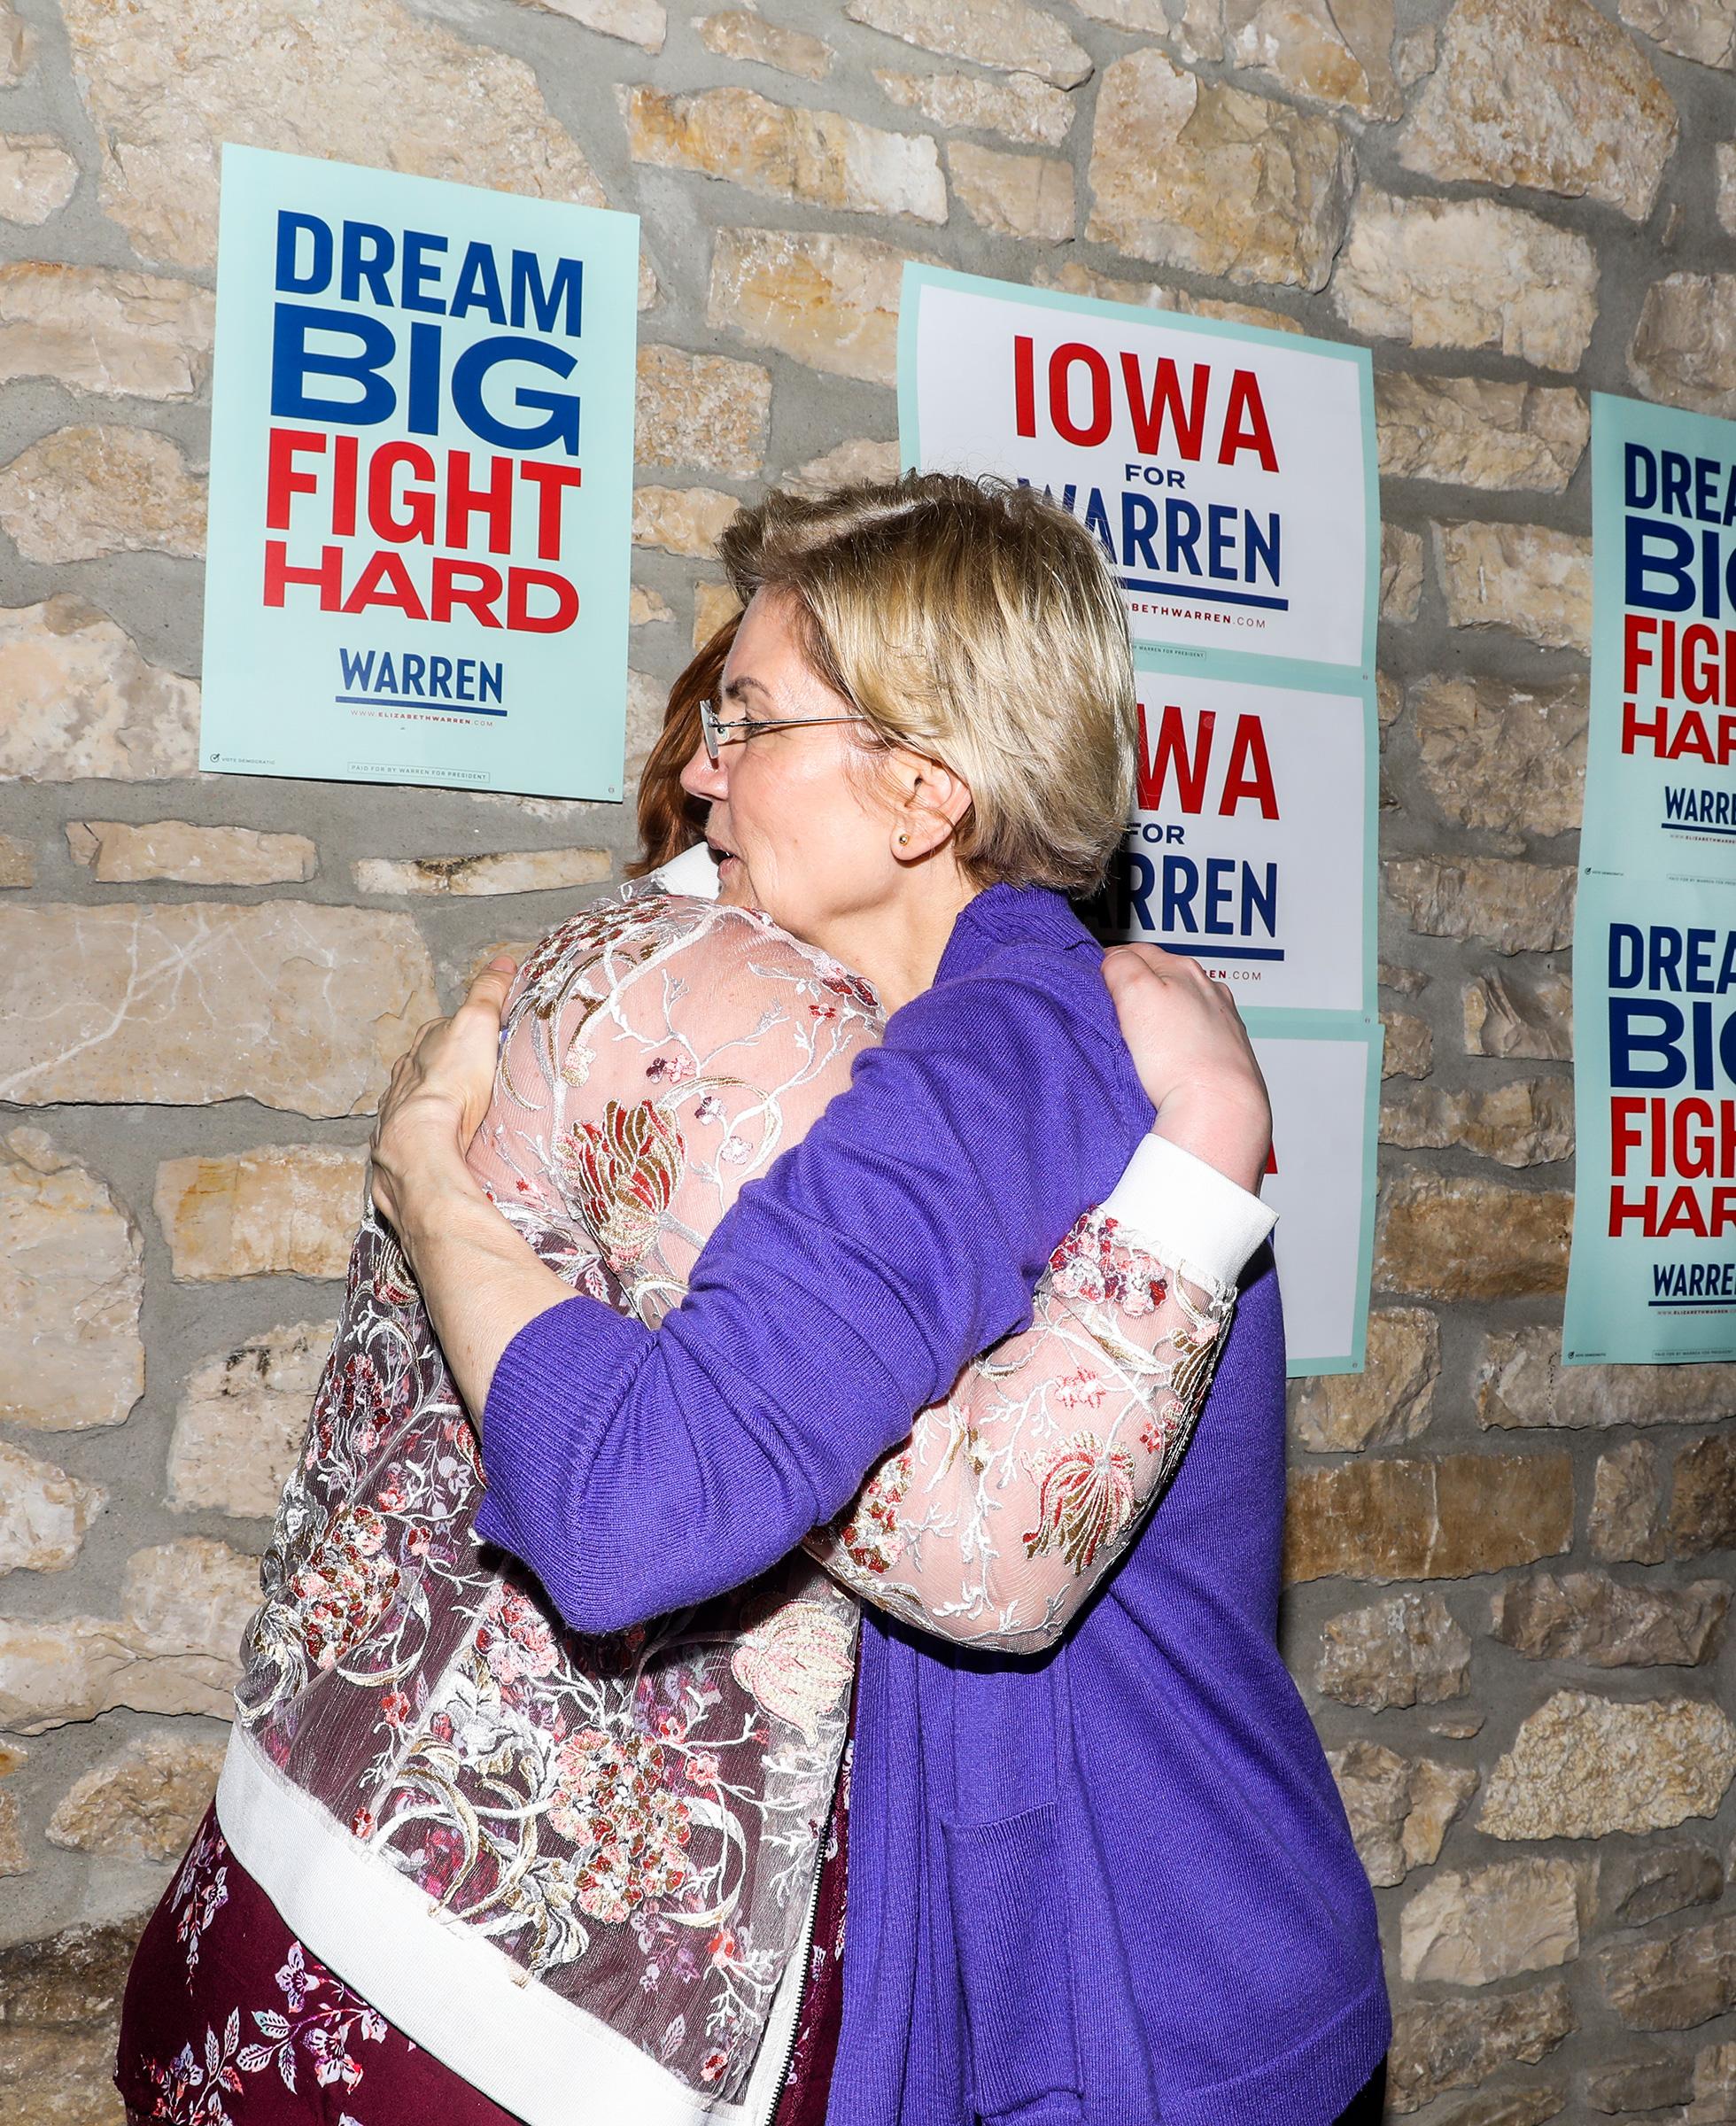 Warren greets a fan in Mason City on May 4.